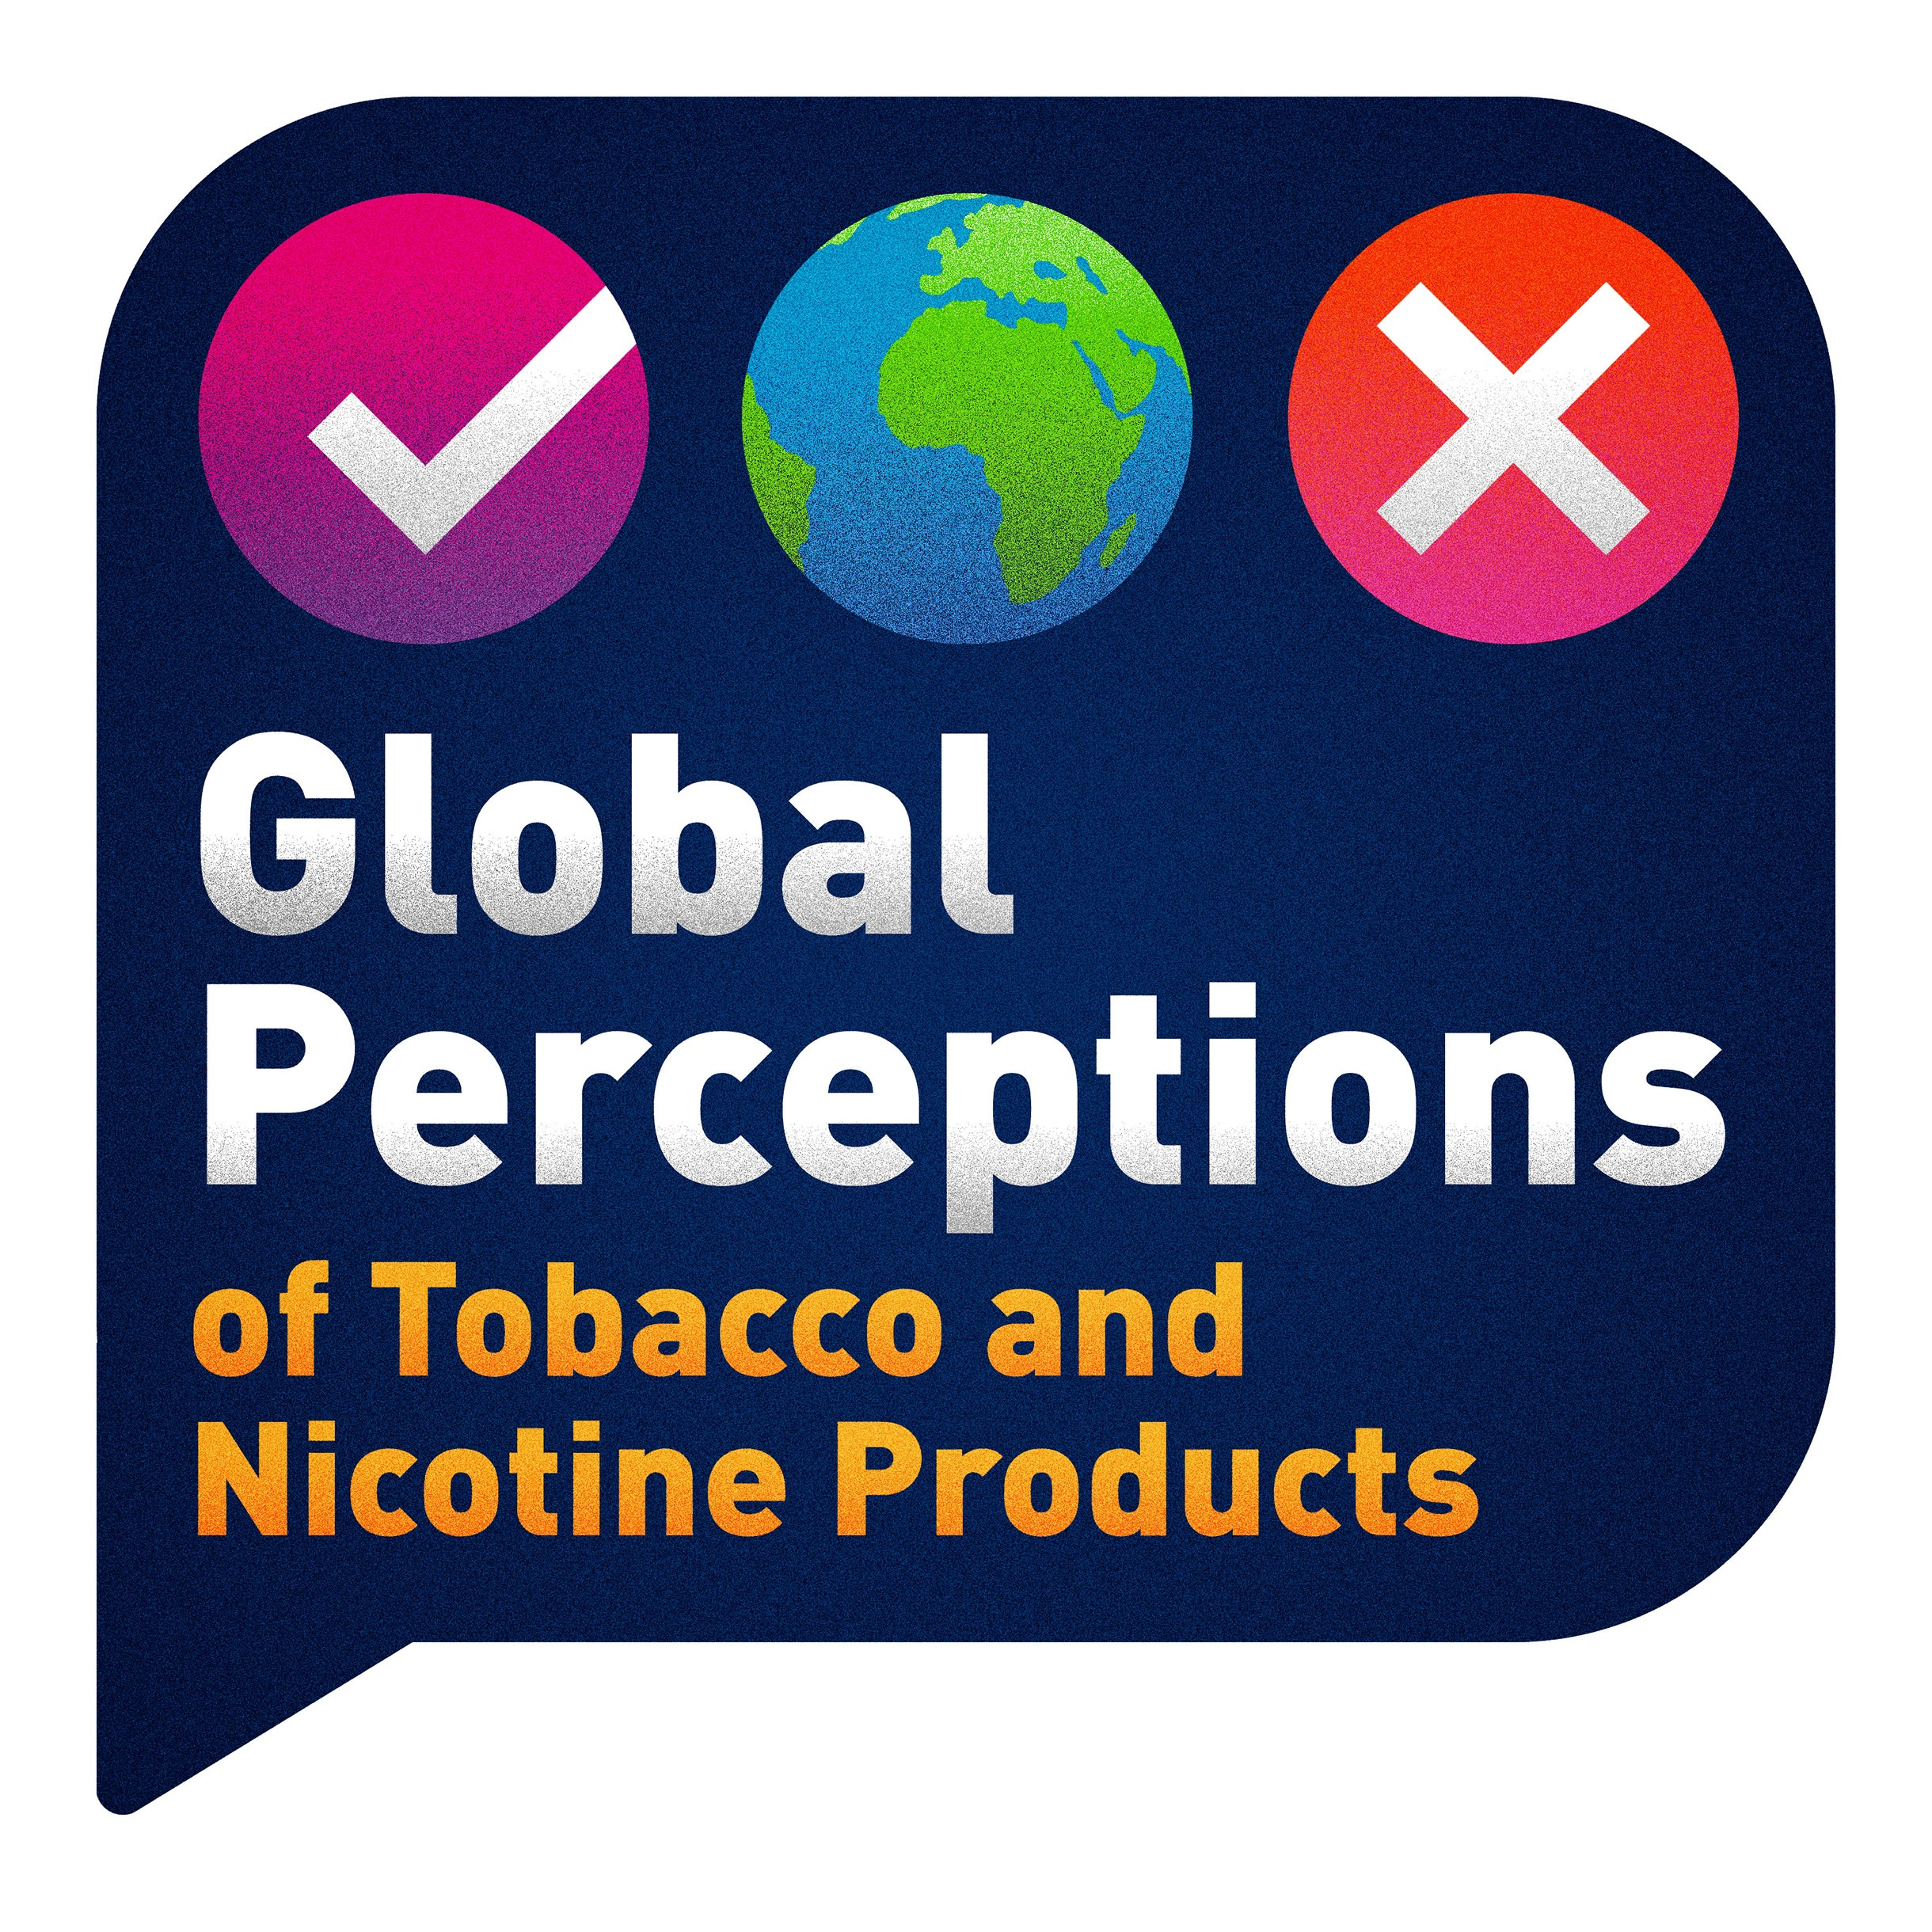 التصورات العالمية حول منتجات التبغ والنيكوتين